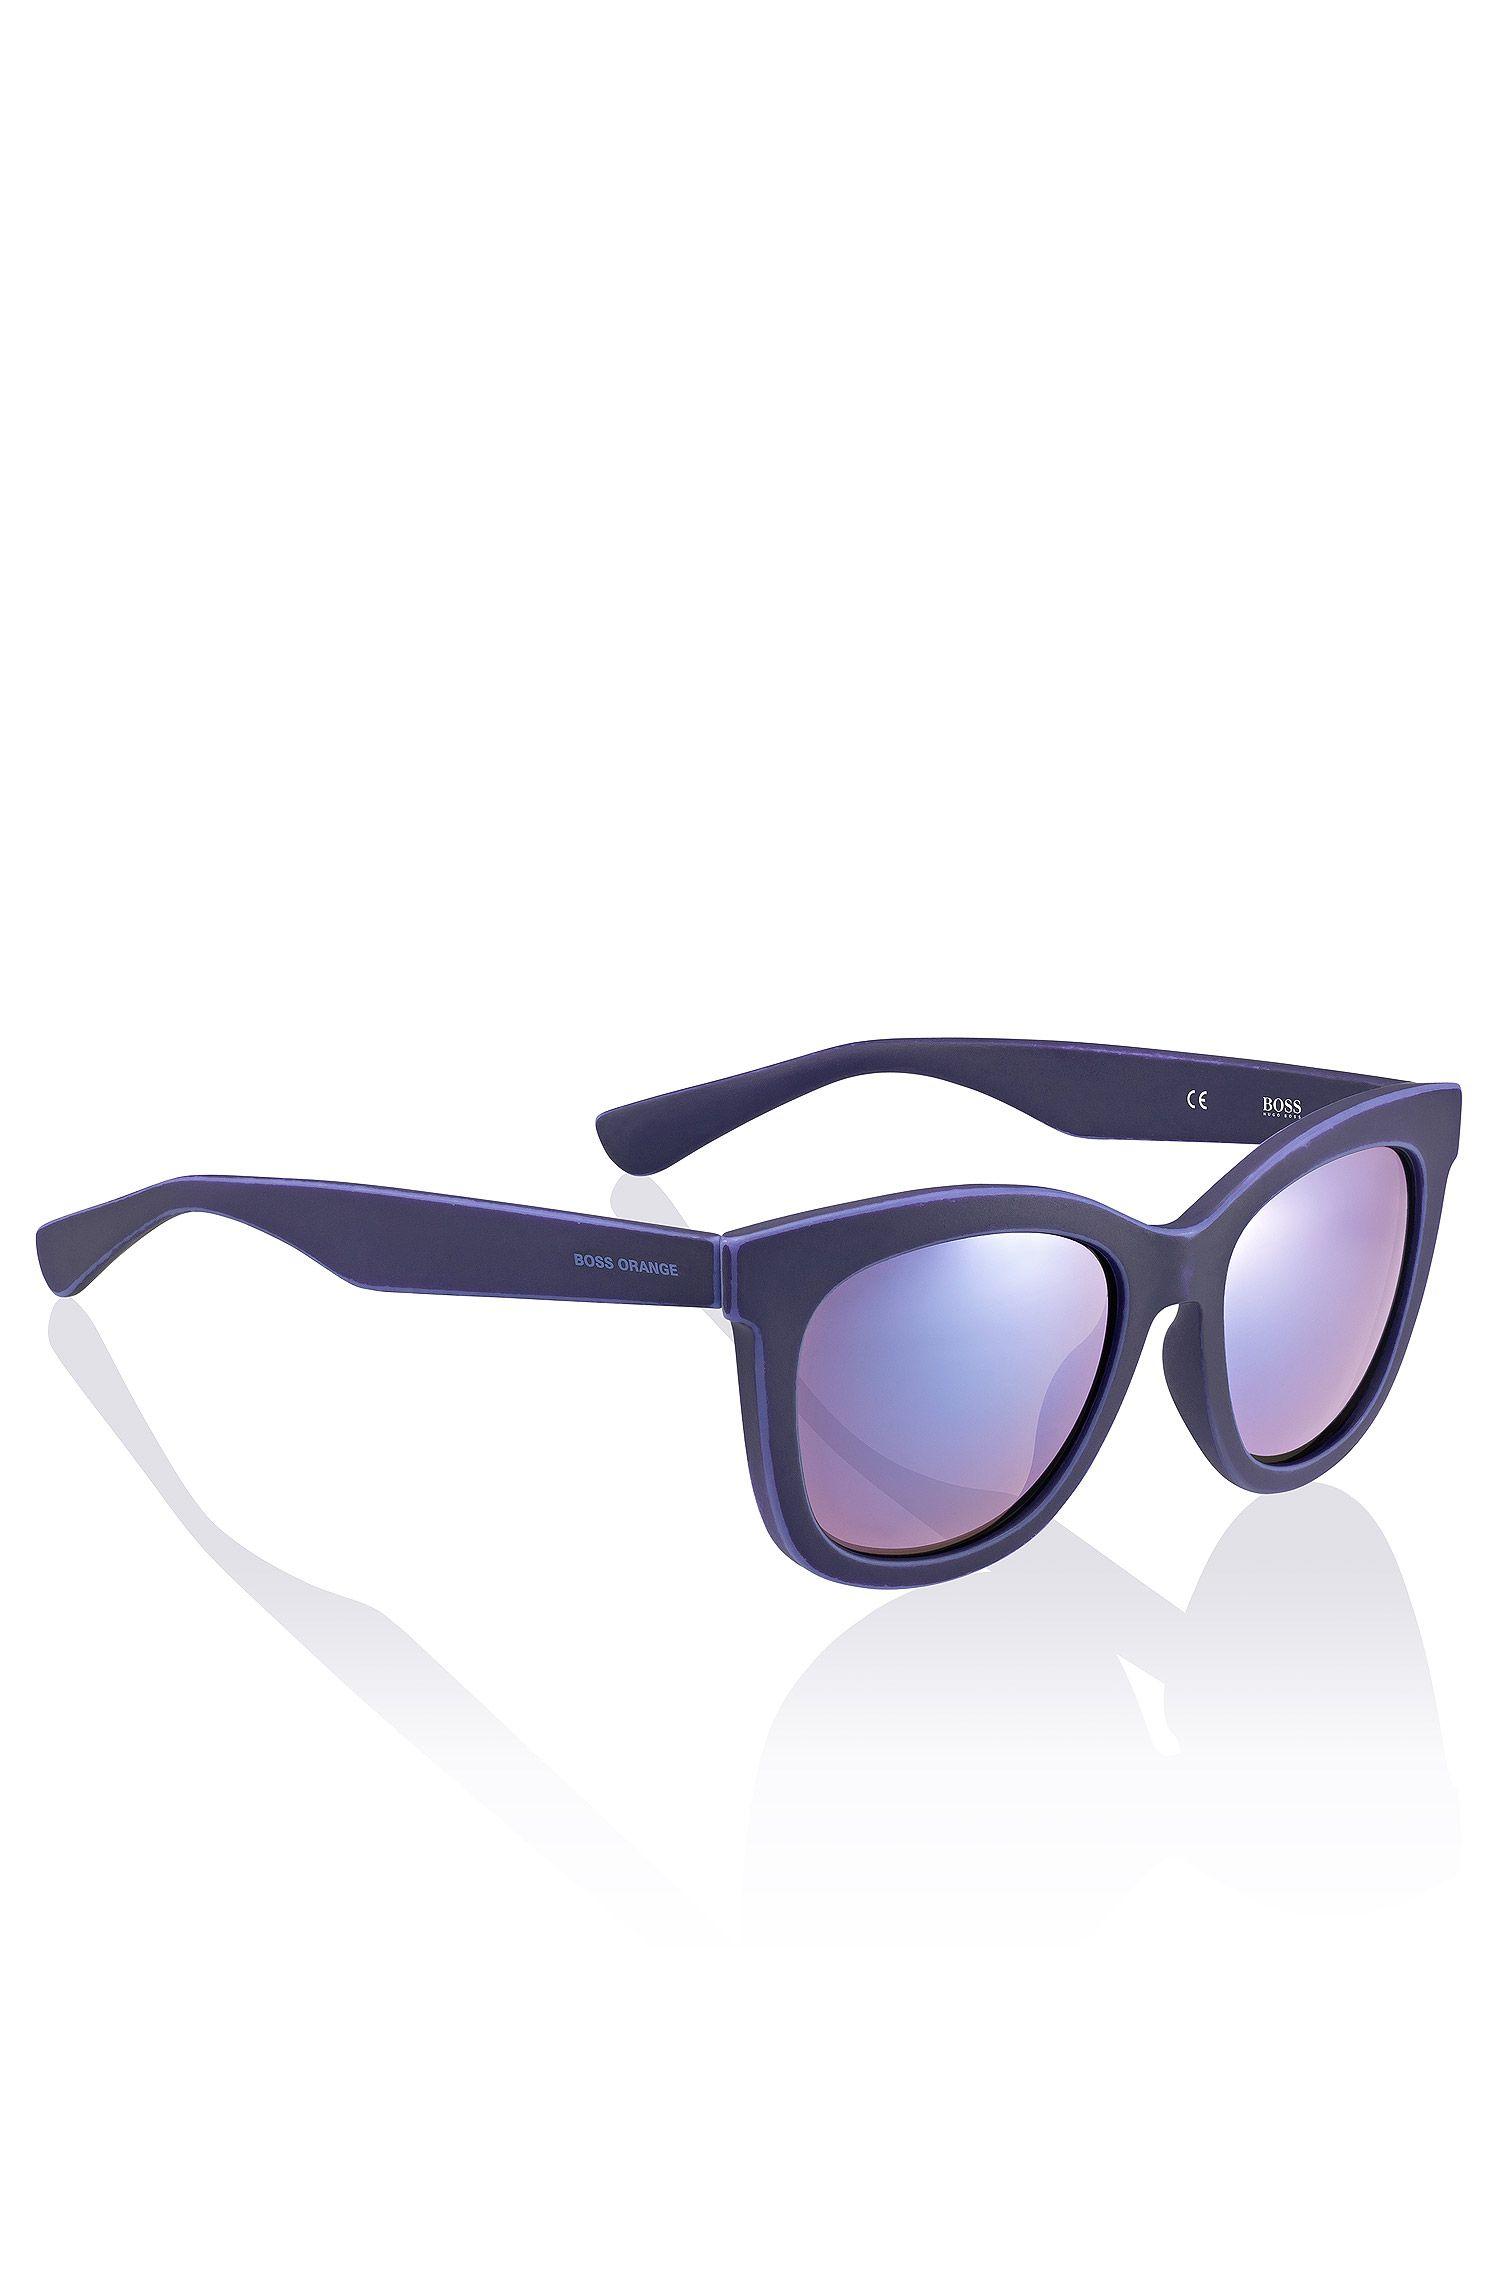 Wayfarer-zonnebril 'BOSS 0199' van acetaat